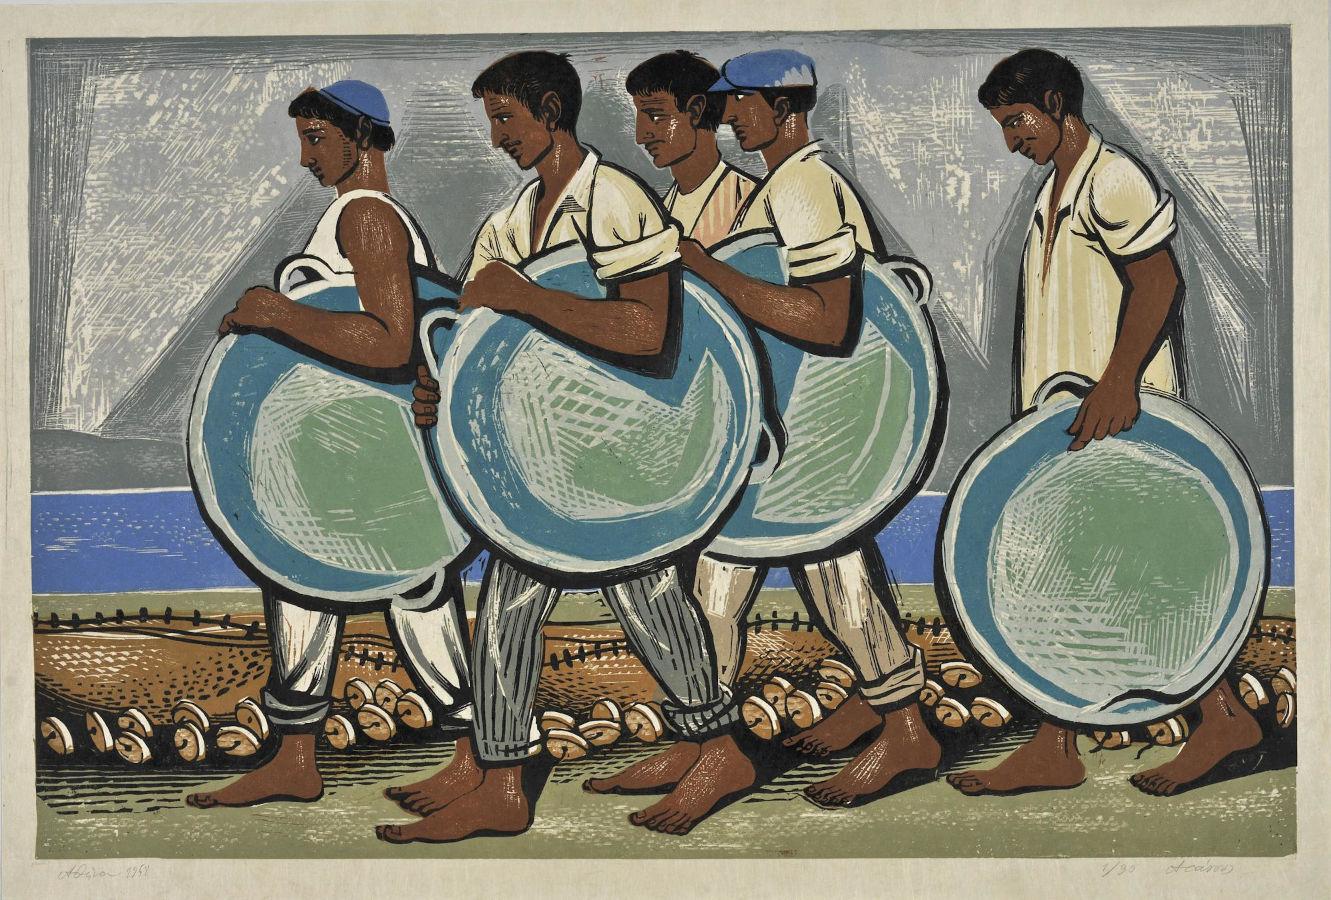 Ψαράδες της Αίγινας, 1958